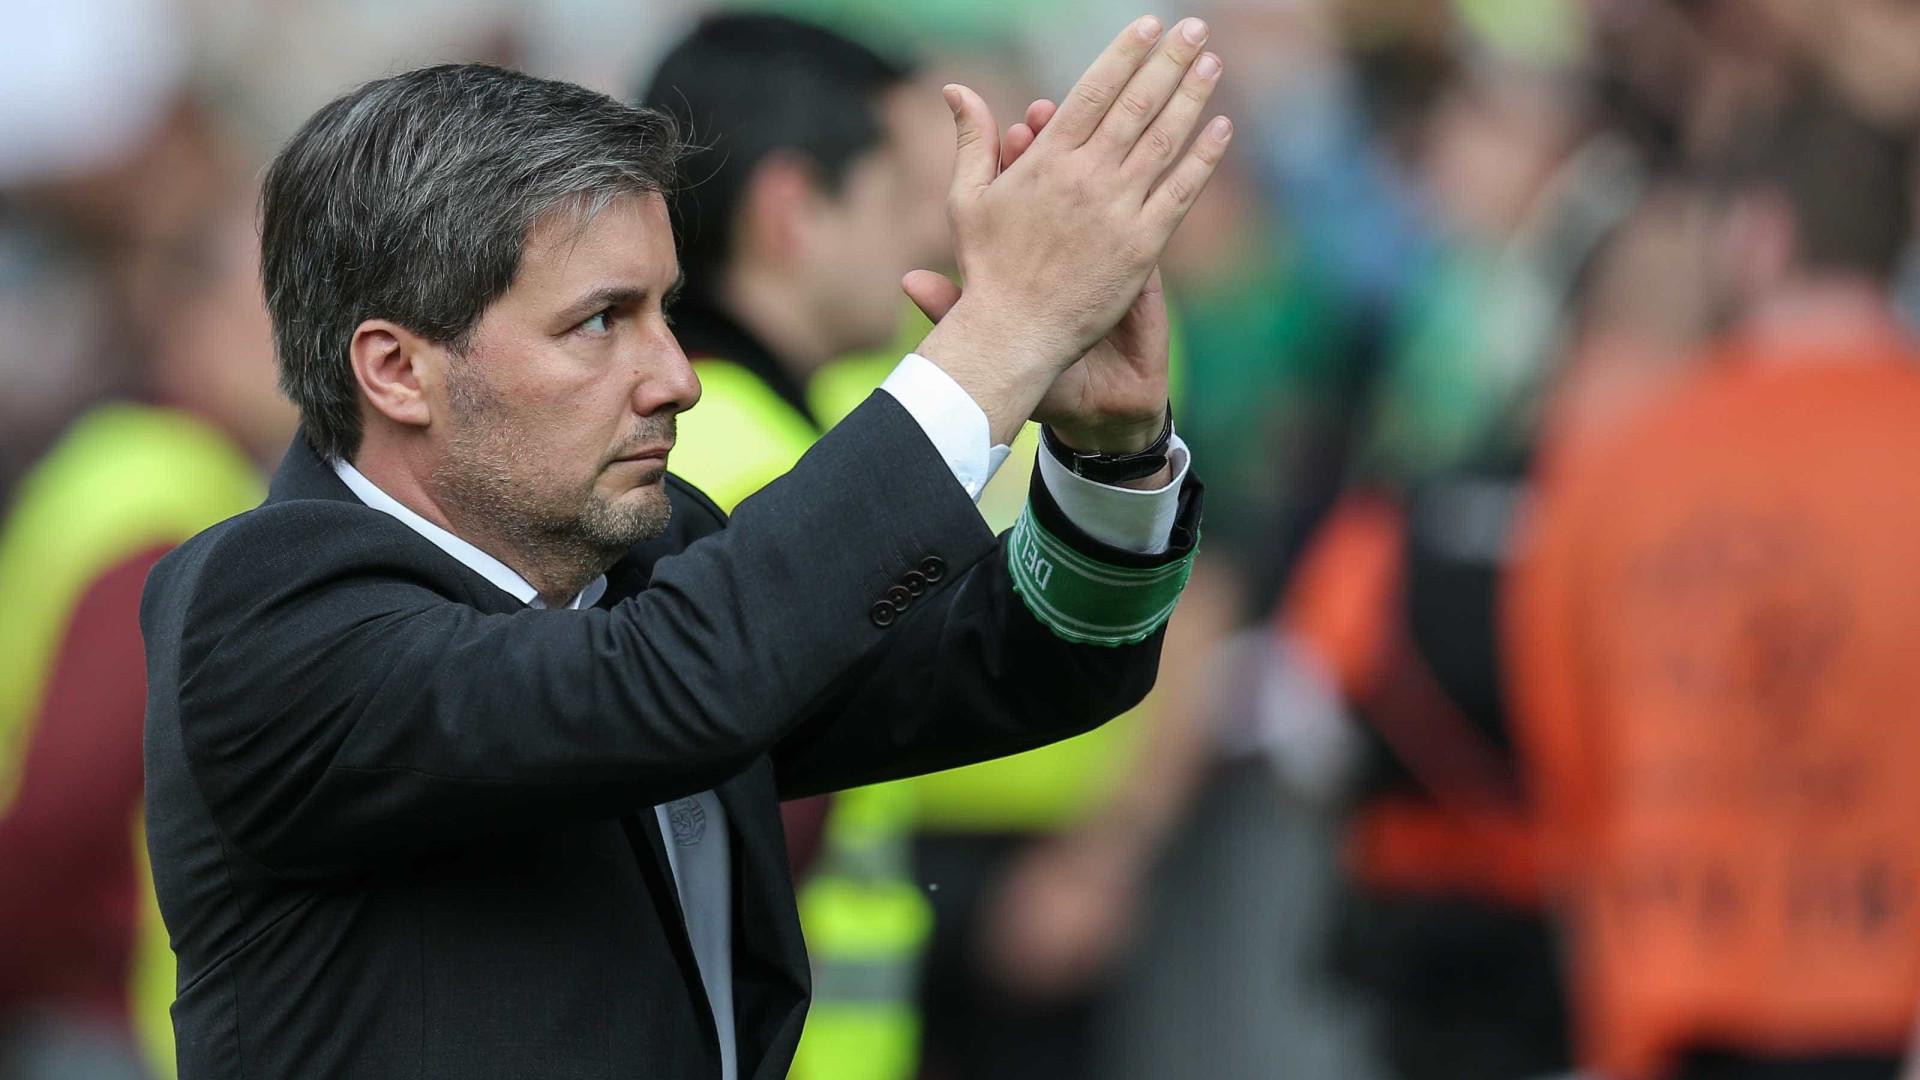 """Bruno de Carvalho: """"Temos de fazer tudo para sermos os melhores"""""""